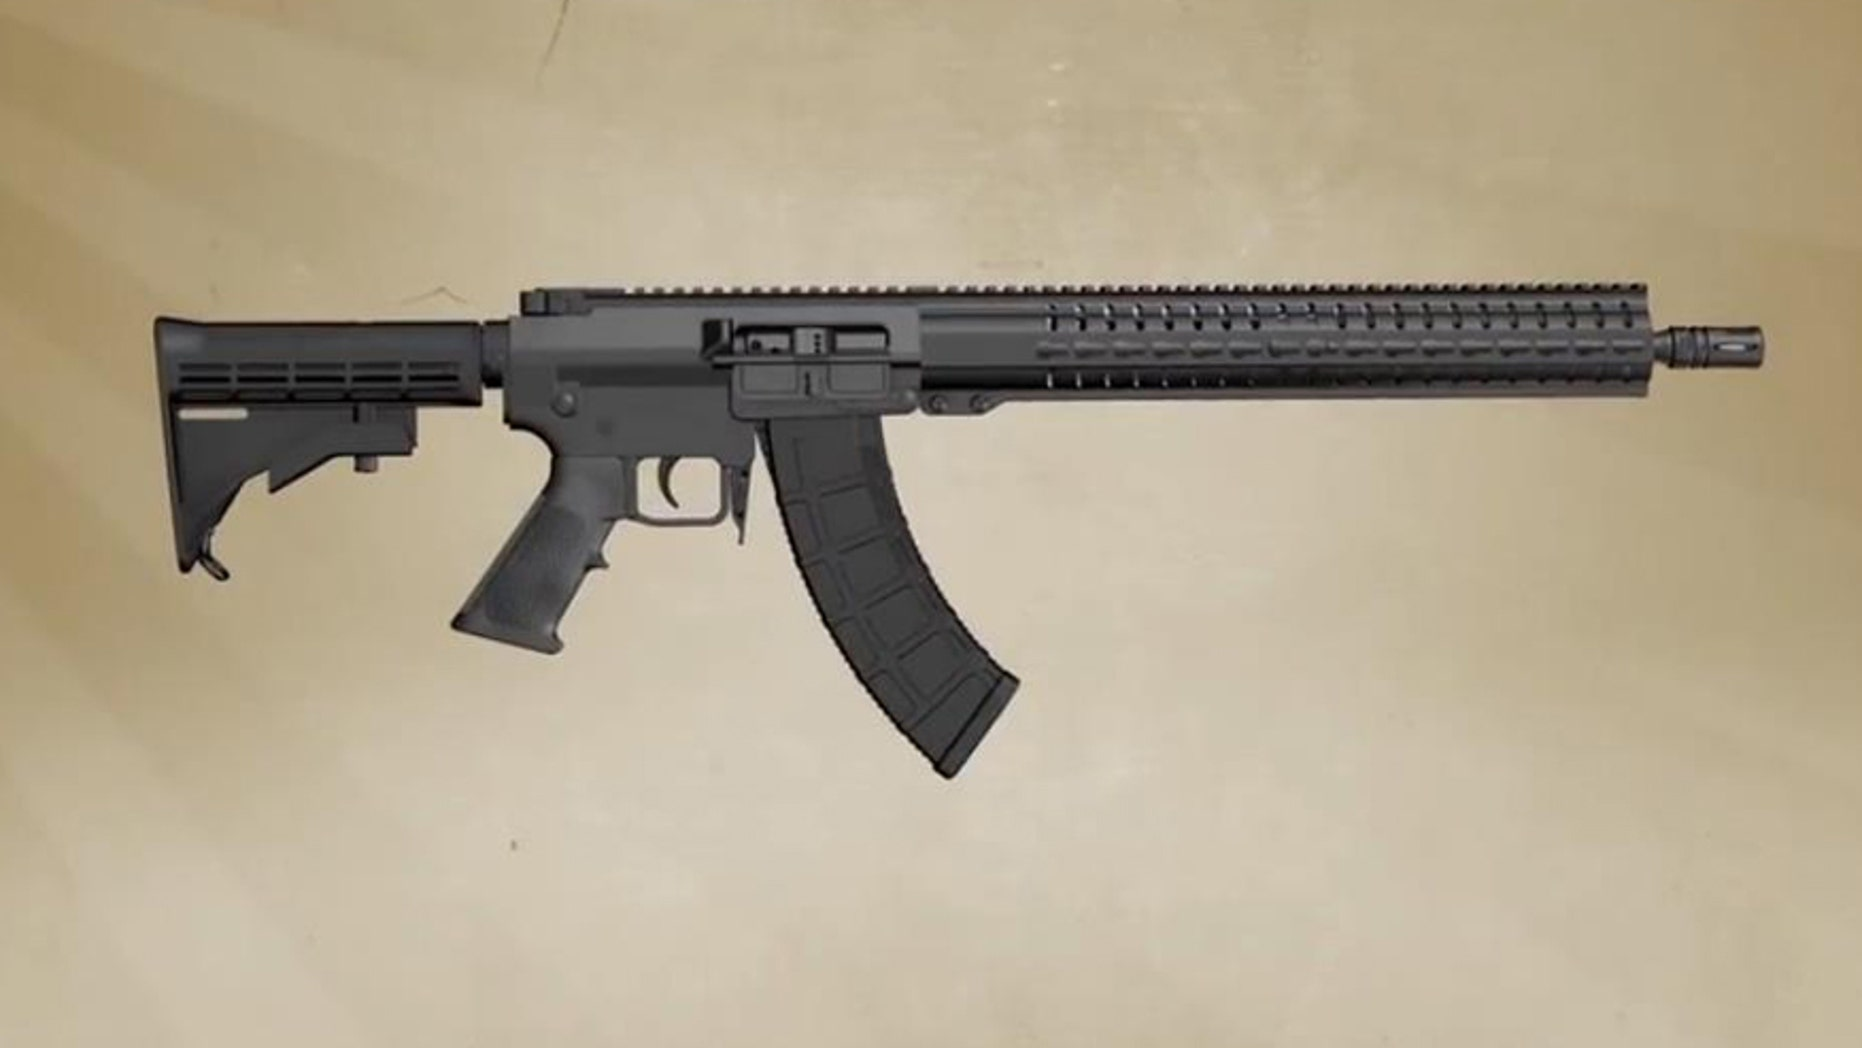 Mutant AK-47s, long guns, take center stage at SHOT Show | Fox News